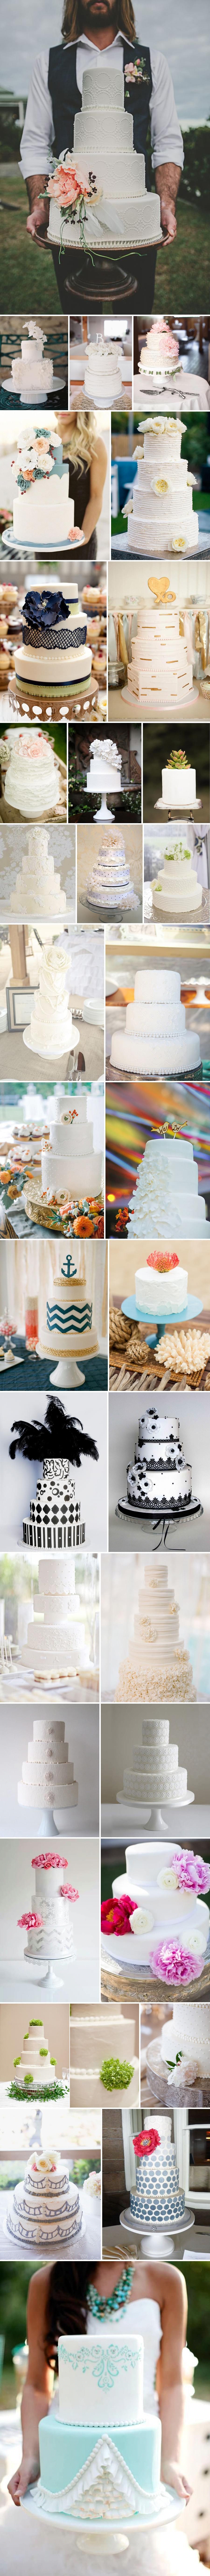 2 biały tort ślubny zdjęcia wesele